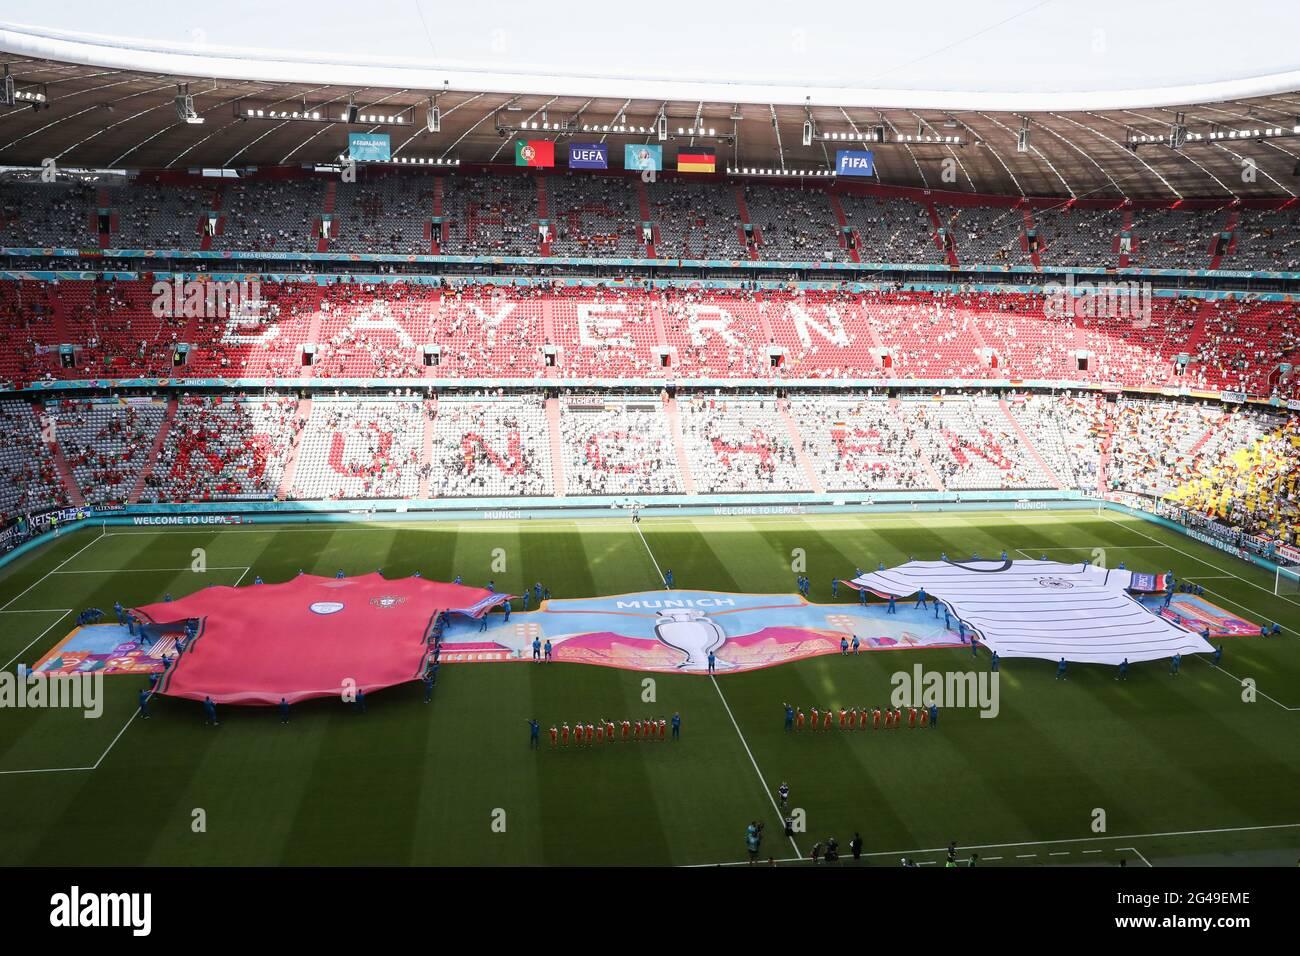 Munich, Allemagne. 20 juin 2021. La photo prise le 19 juin montre une vue d'une performance avant le match de l'UEFA Euro 2020 Championship Group F entre le Portugal et l'Allemagne à Munich, en Allemagne. Credit: Shan Yuqi/Xinhua/Alay Live News Banque D'Images